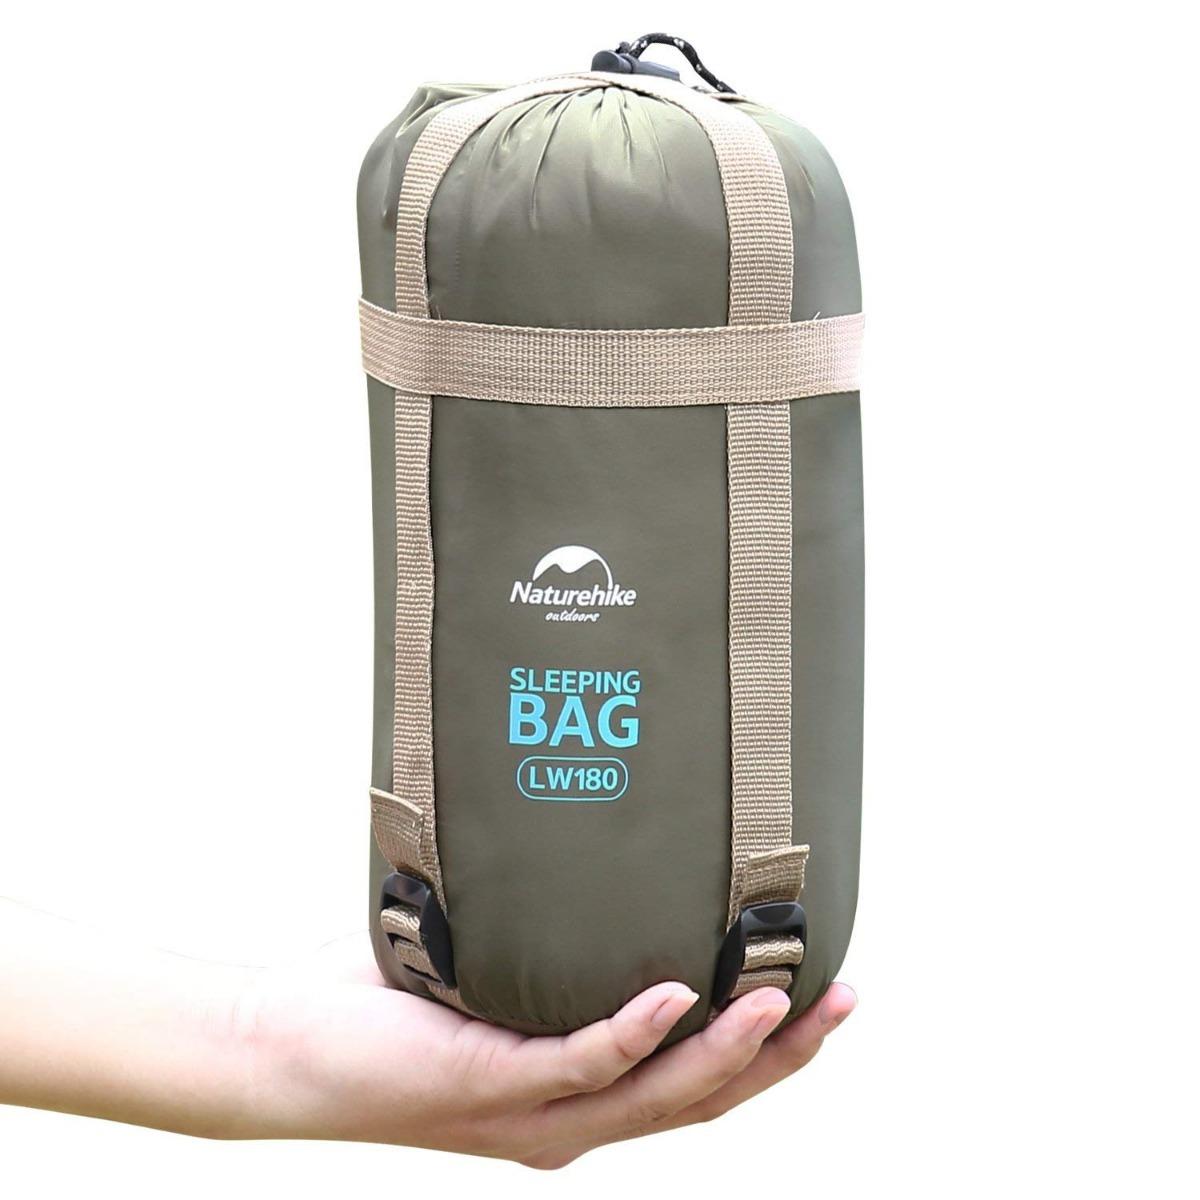 dfcb6e584 saco de dormir naturehike santiago +15°c / +7° camping pesca. Carregando  zoom.